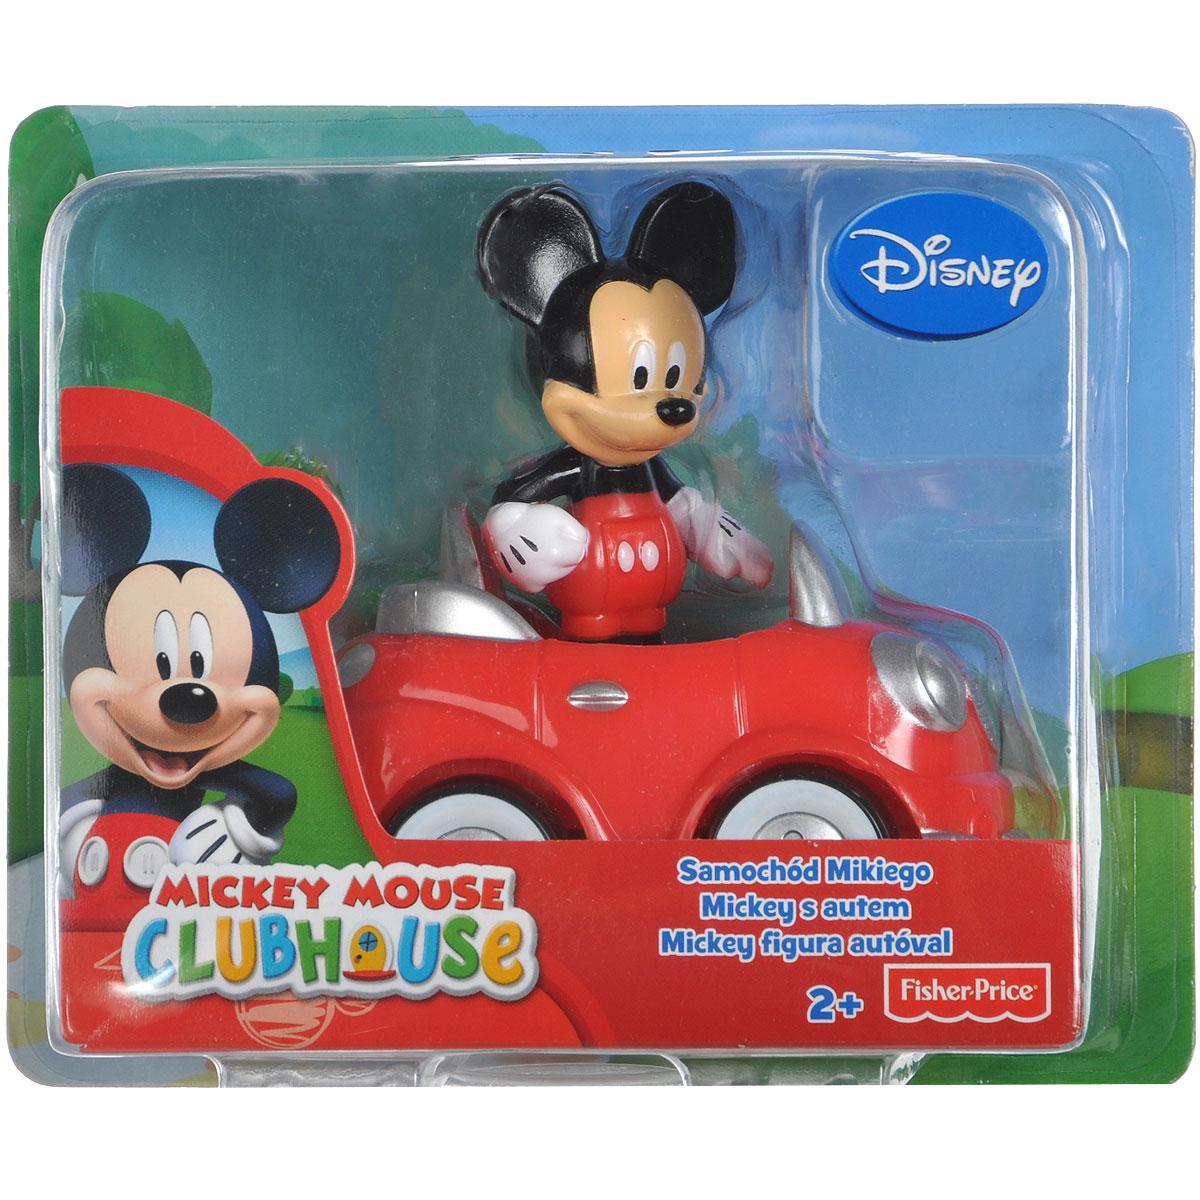 Mickey Mouse Игровой набор Машинка: Автомобиль МиккиT6291/T3218Игровой набор Mickey Mouse Машинка: Автомобиль Микки привлечет внимание вашего малыша и не позволит ему скучать. Набор включает в себя фигурку Микки и автомобиль красного и серебристого цветов. Ваш ребенок часами будет играть с набором, придумывая разные истории. Порадуйте его таким замечательным подарком!